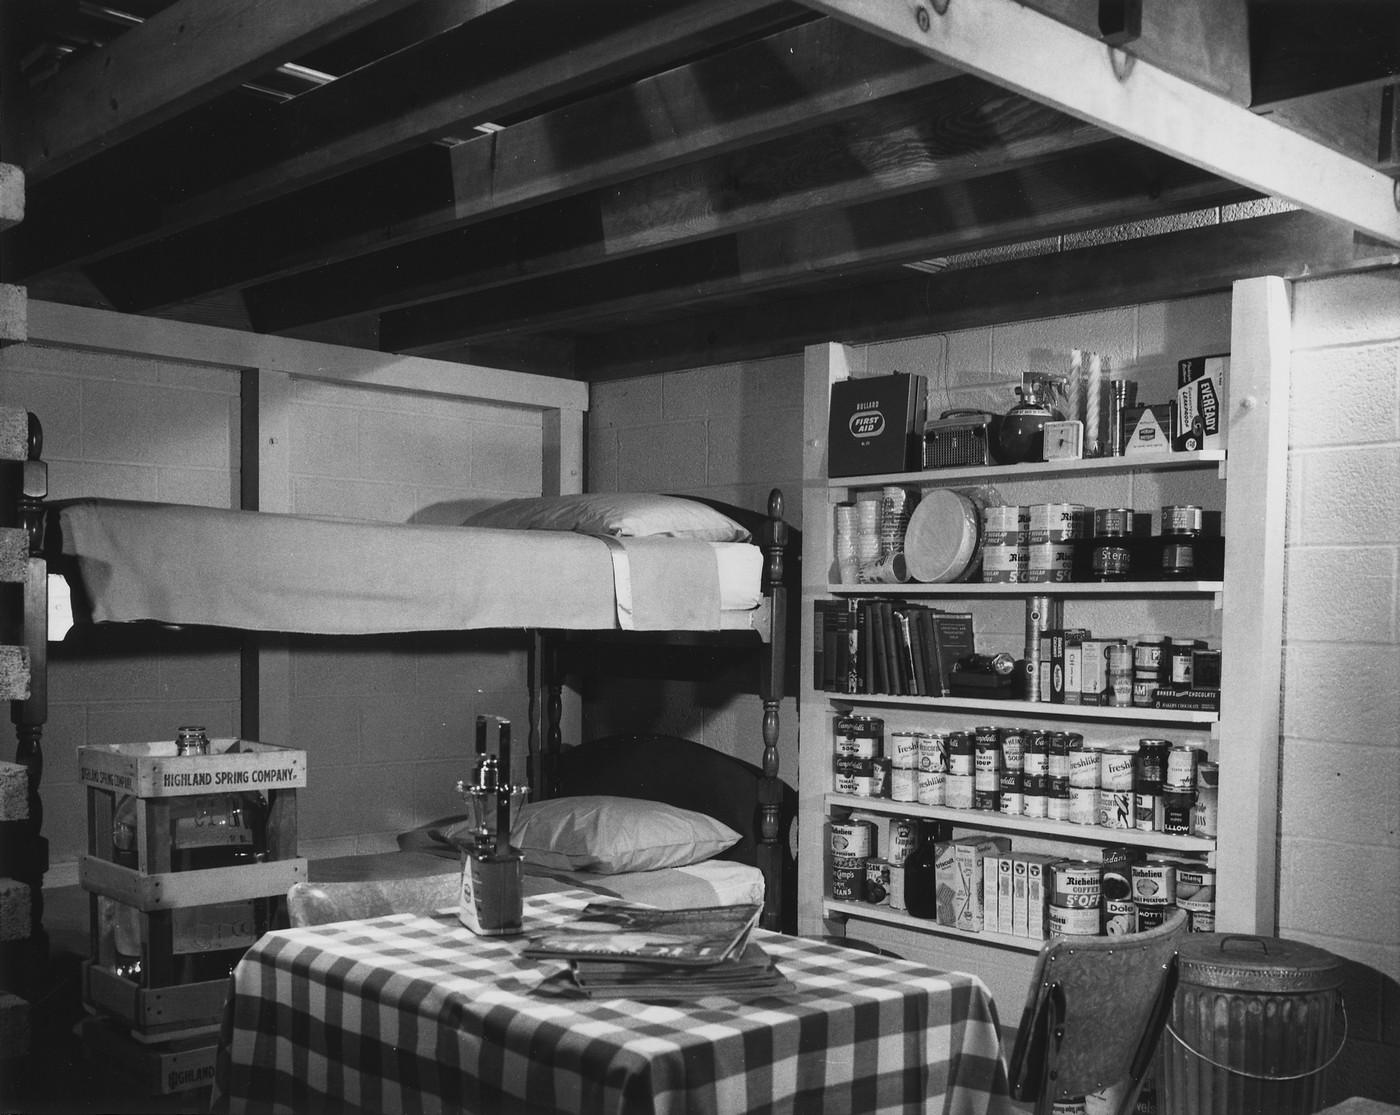 Интерьер семейного ядерного бомбоубежища, устроенного в подвале дома. В убежище имеется 14-дневный запас продовольствия и воды, радио с батарейным питанием, автономные источники света, набор медикаментов и инструментов. Ориентировочно 1957 год